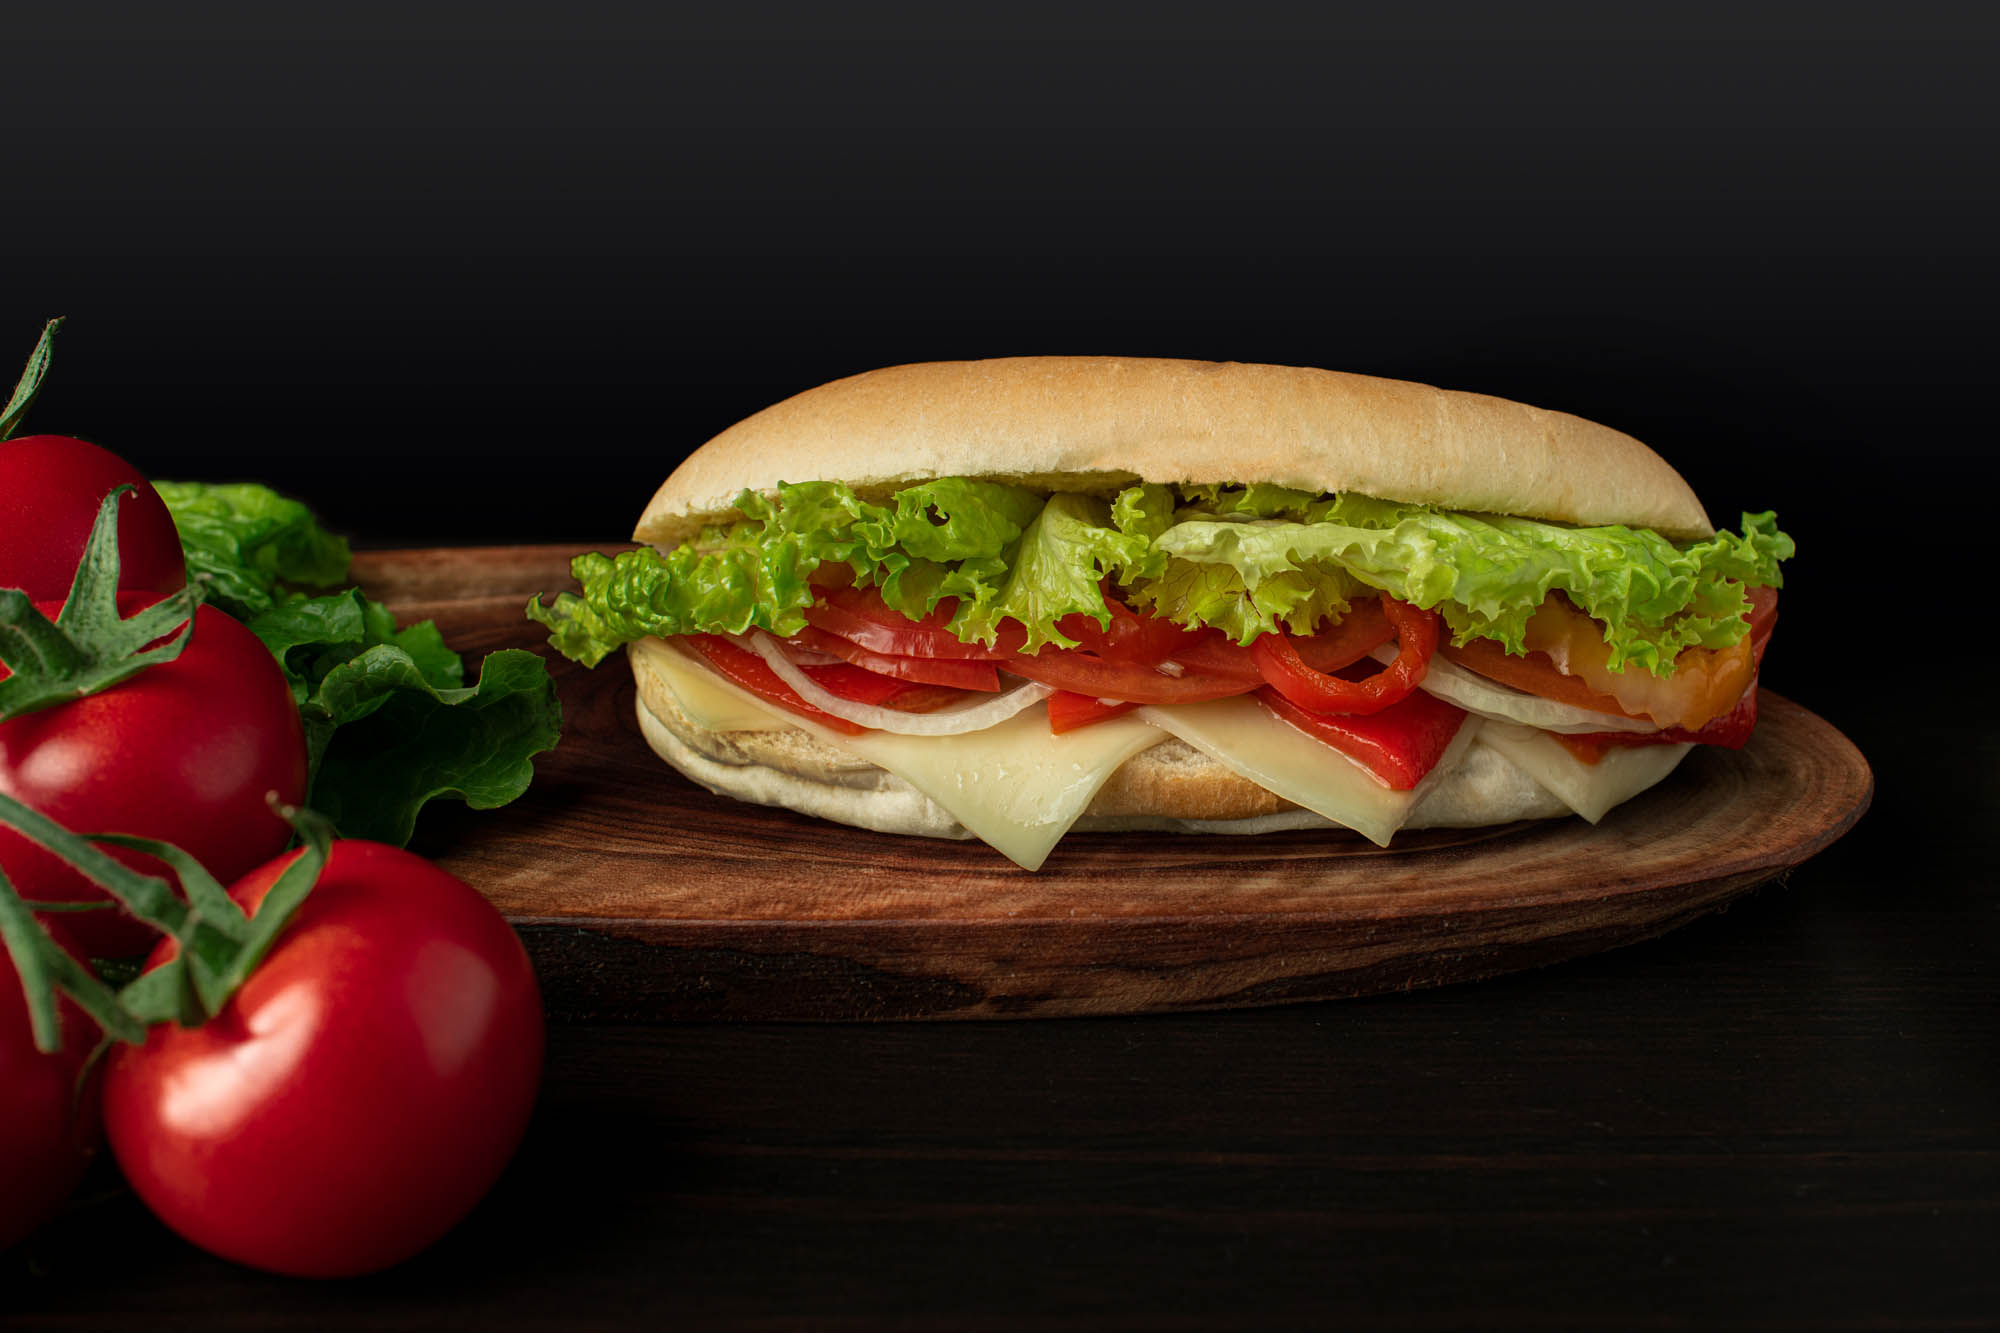 Sandwich 1 background